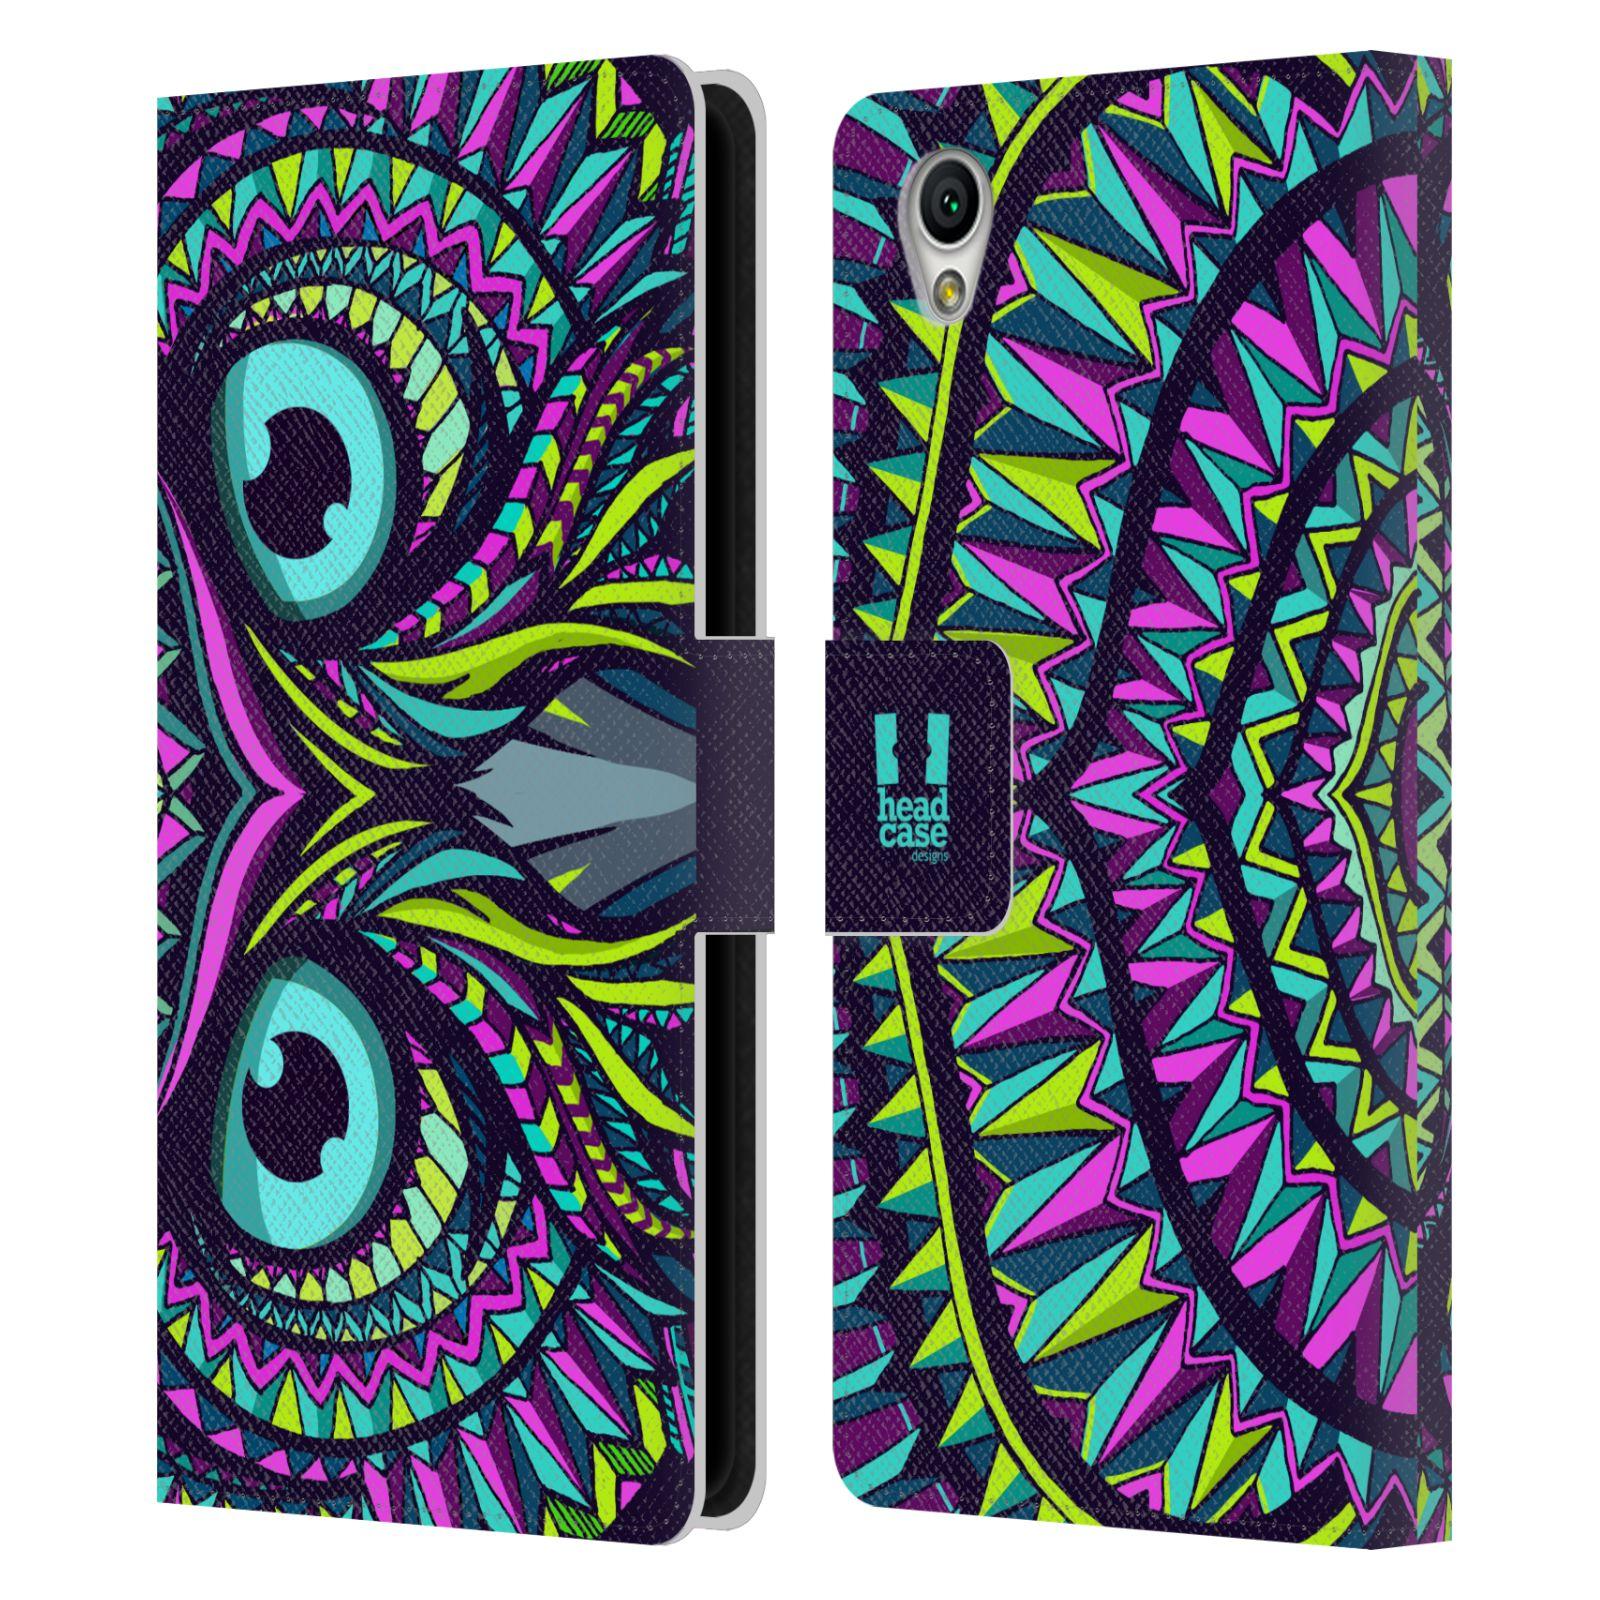 Pouzdro na mobil Sony Xperia L1 - Head Case - Aztécký vzor sova